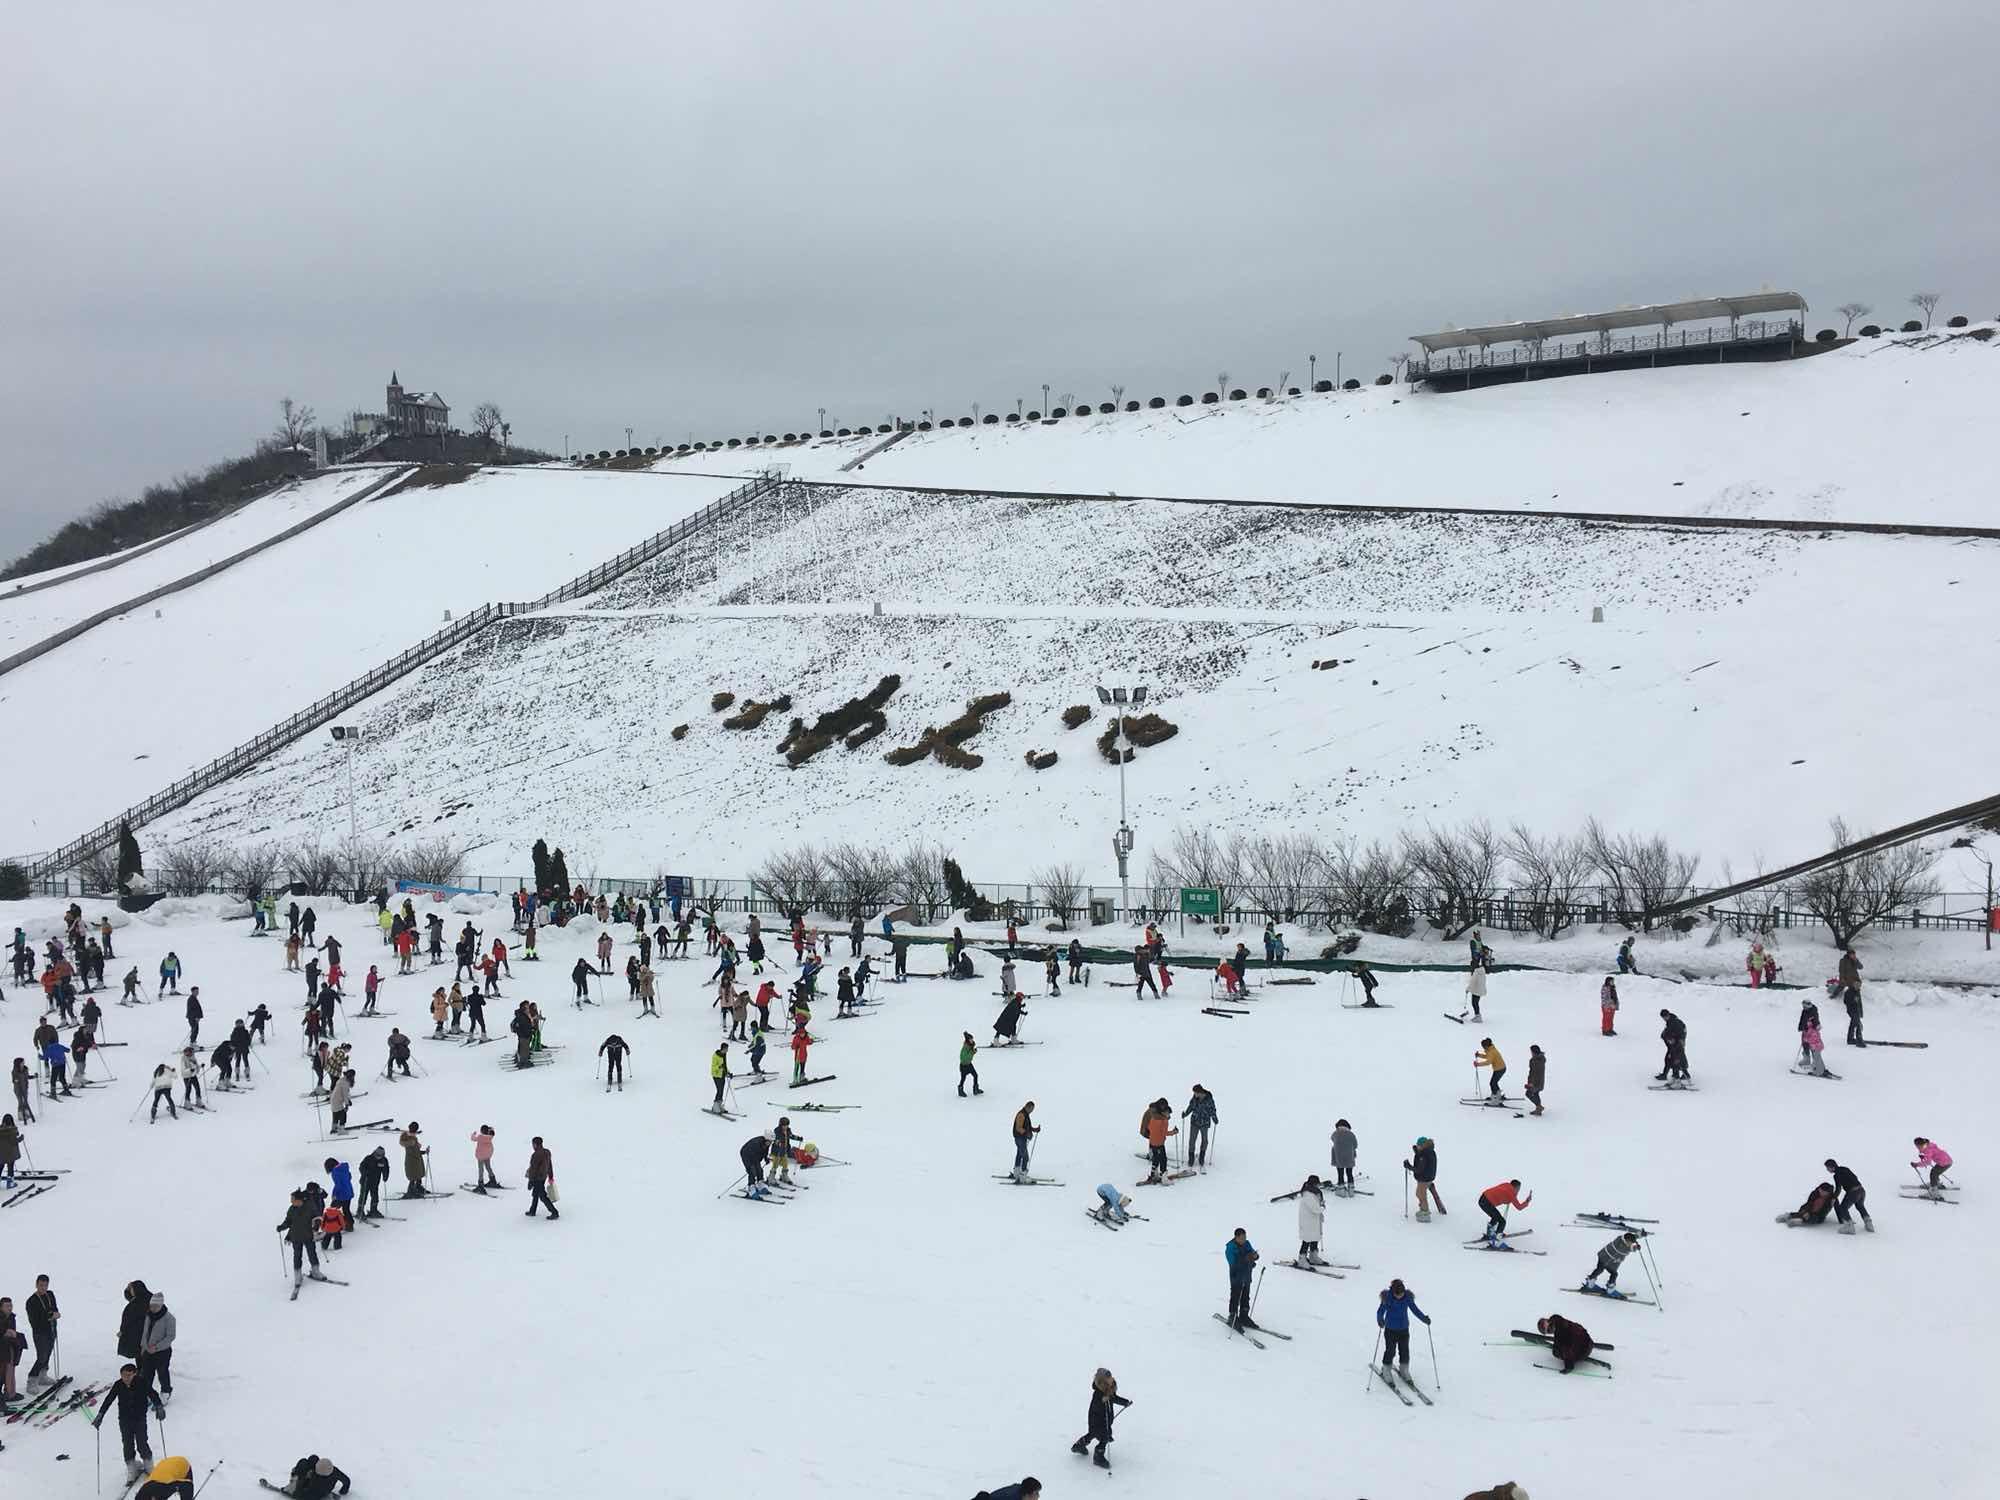 湖州安吉江南天池滑雪场 成人票江南天池景区门票 日场 江南天池滑雪 图片